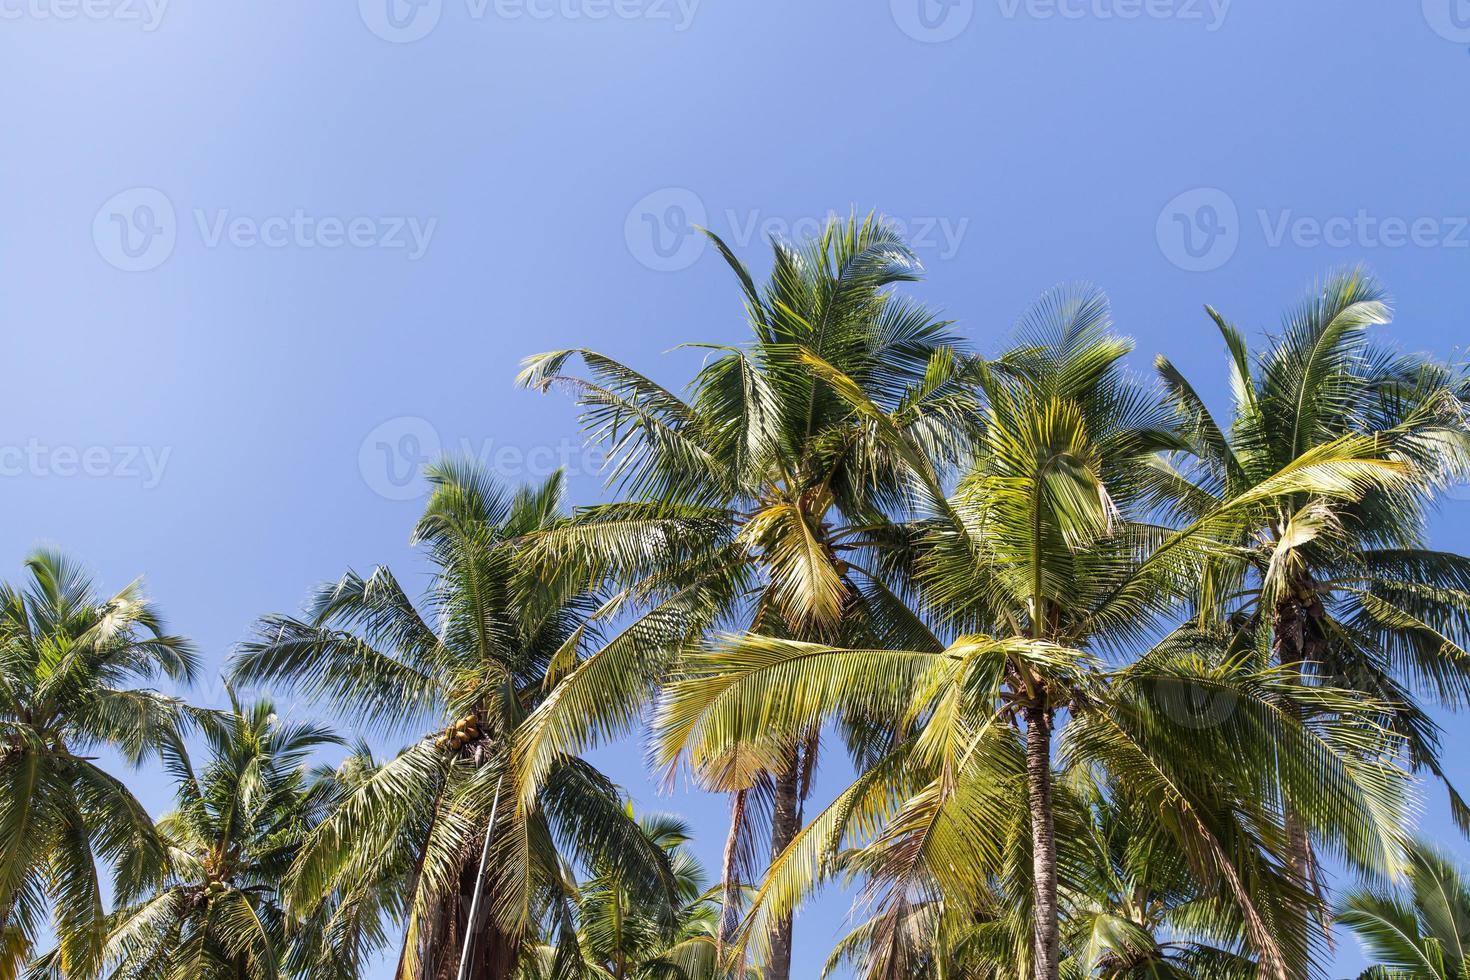 Palmen mit Kokosnuss unter blauem Himmel foto